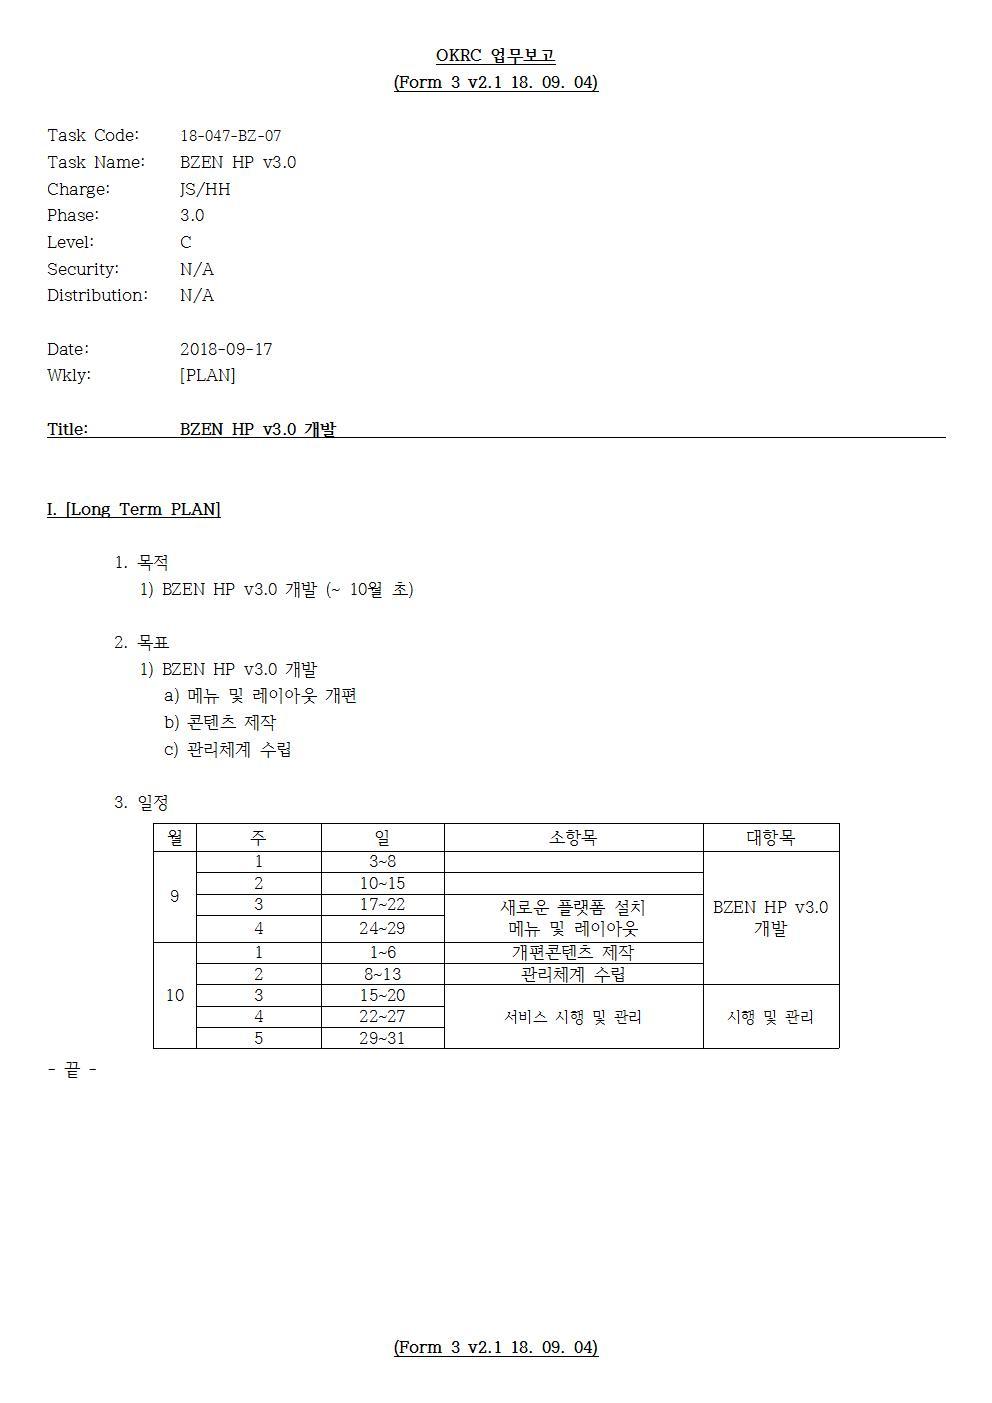 D-[18-047-BZ-07]-[BZEN HP v3.0]-[2018-09-22][JS]001.jpg